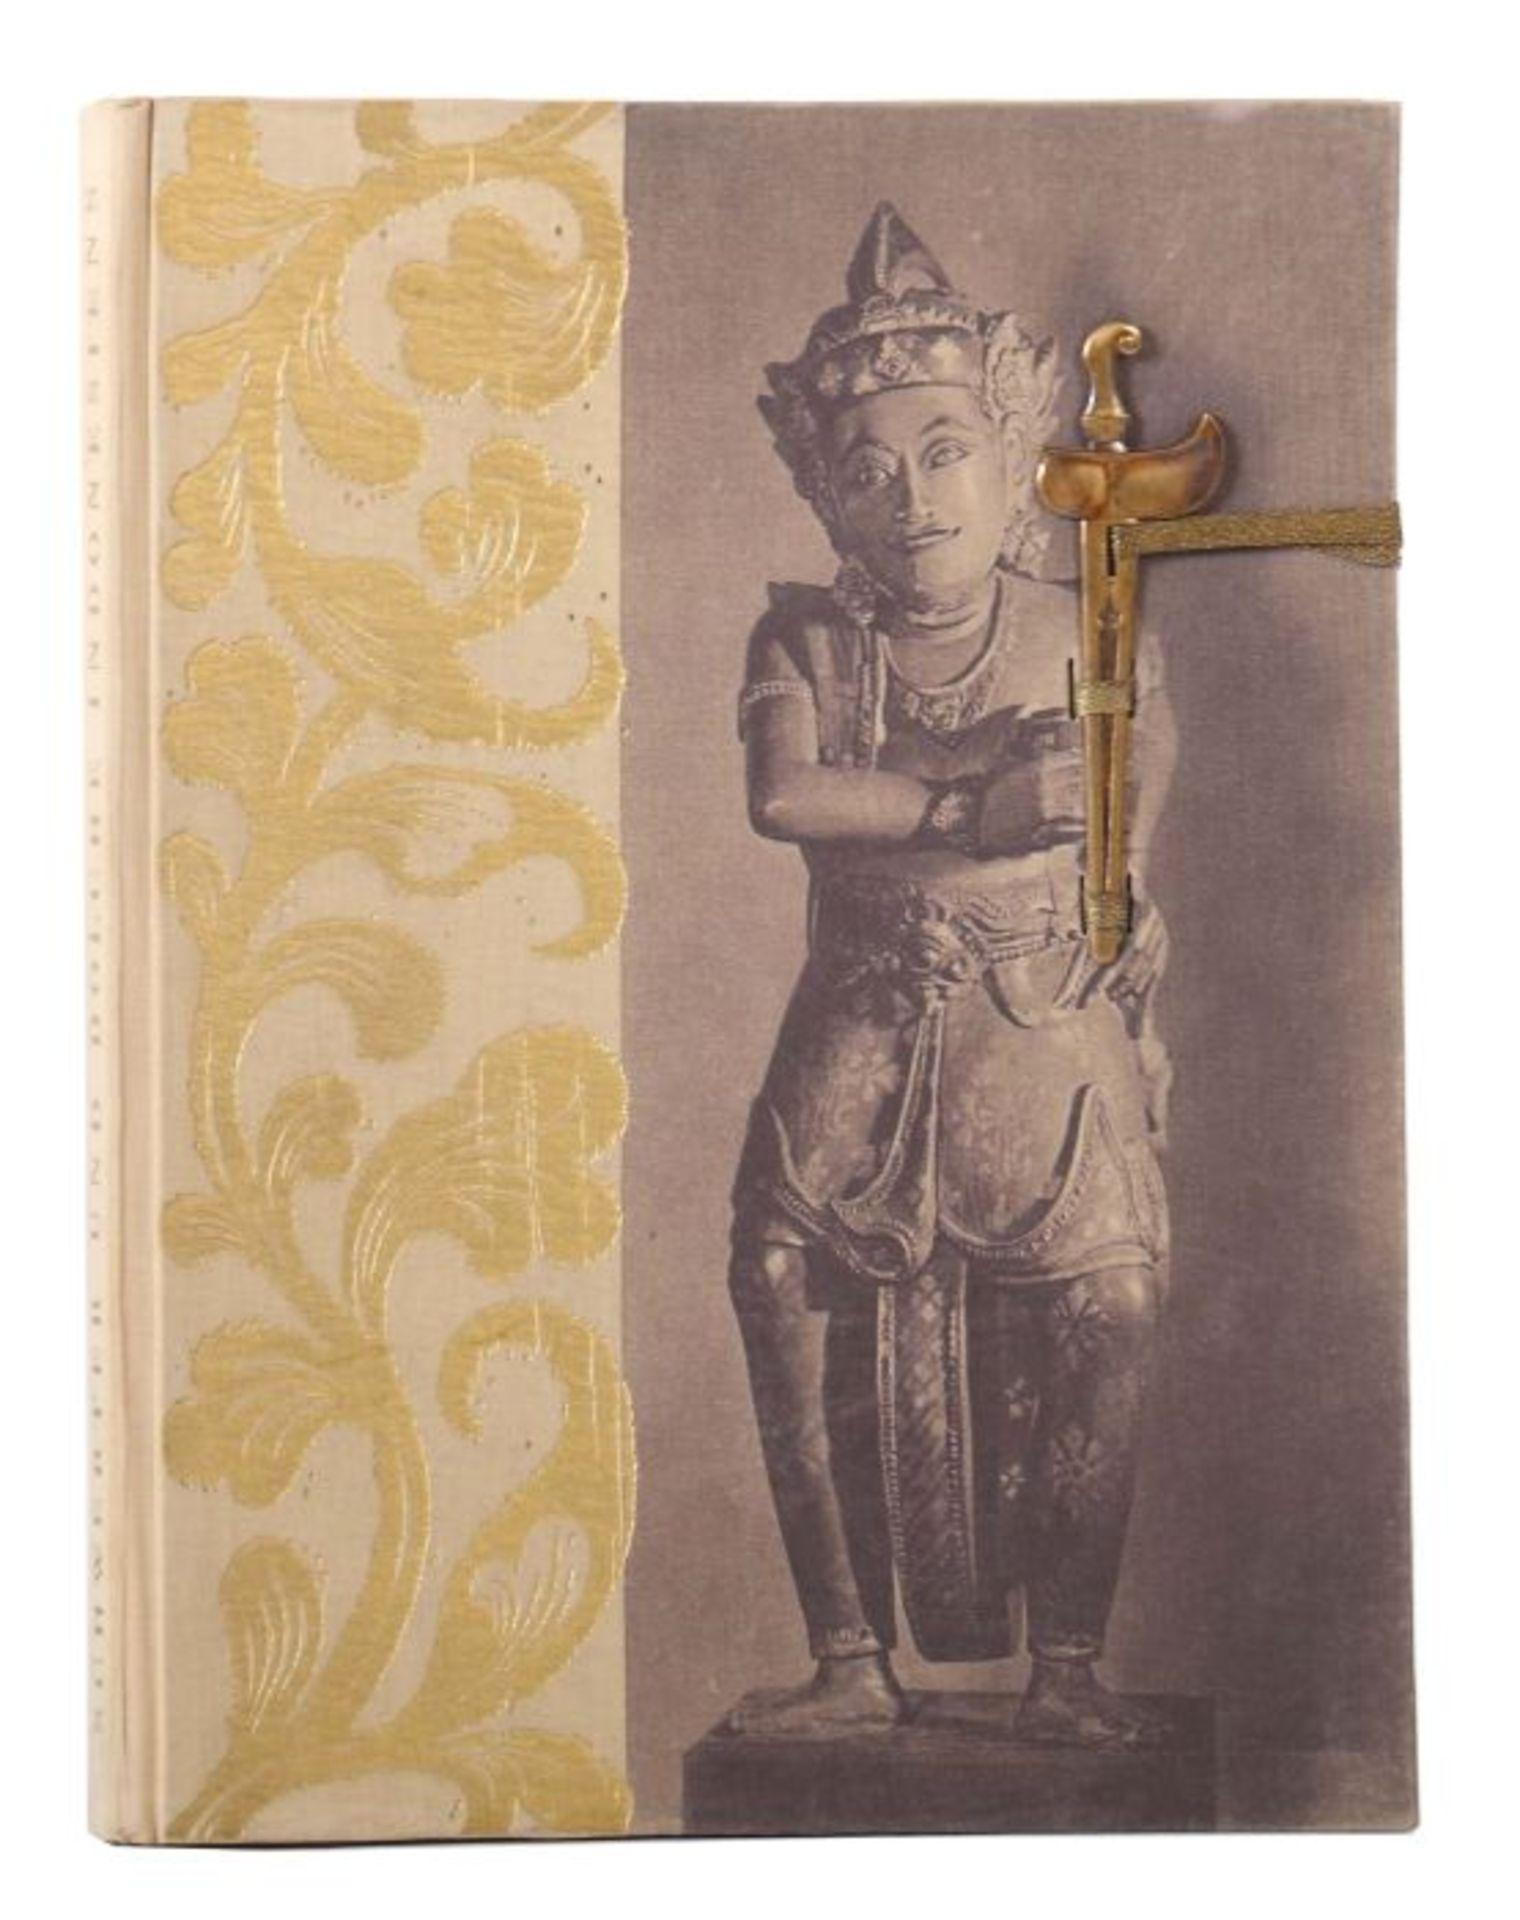 Schwerter und Dolche Indonesiens 1958, Artia Verlag Prag, von V. Solc, mit einigen Zeichnungen und